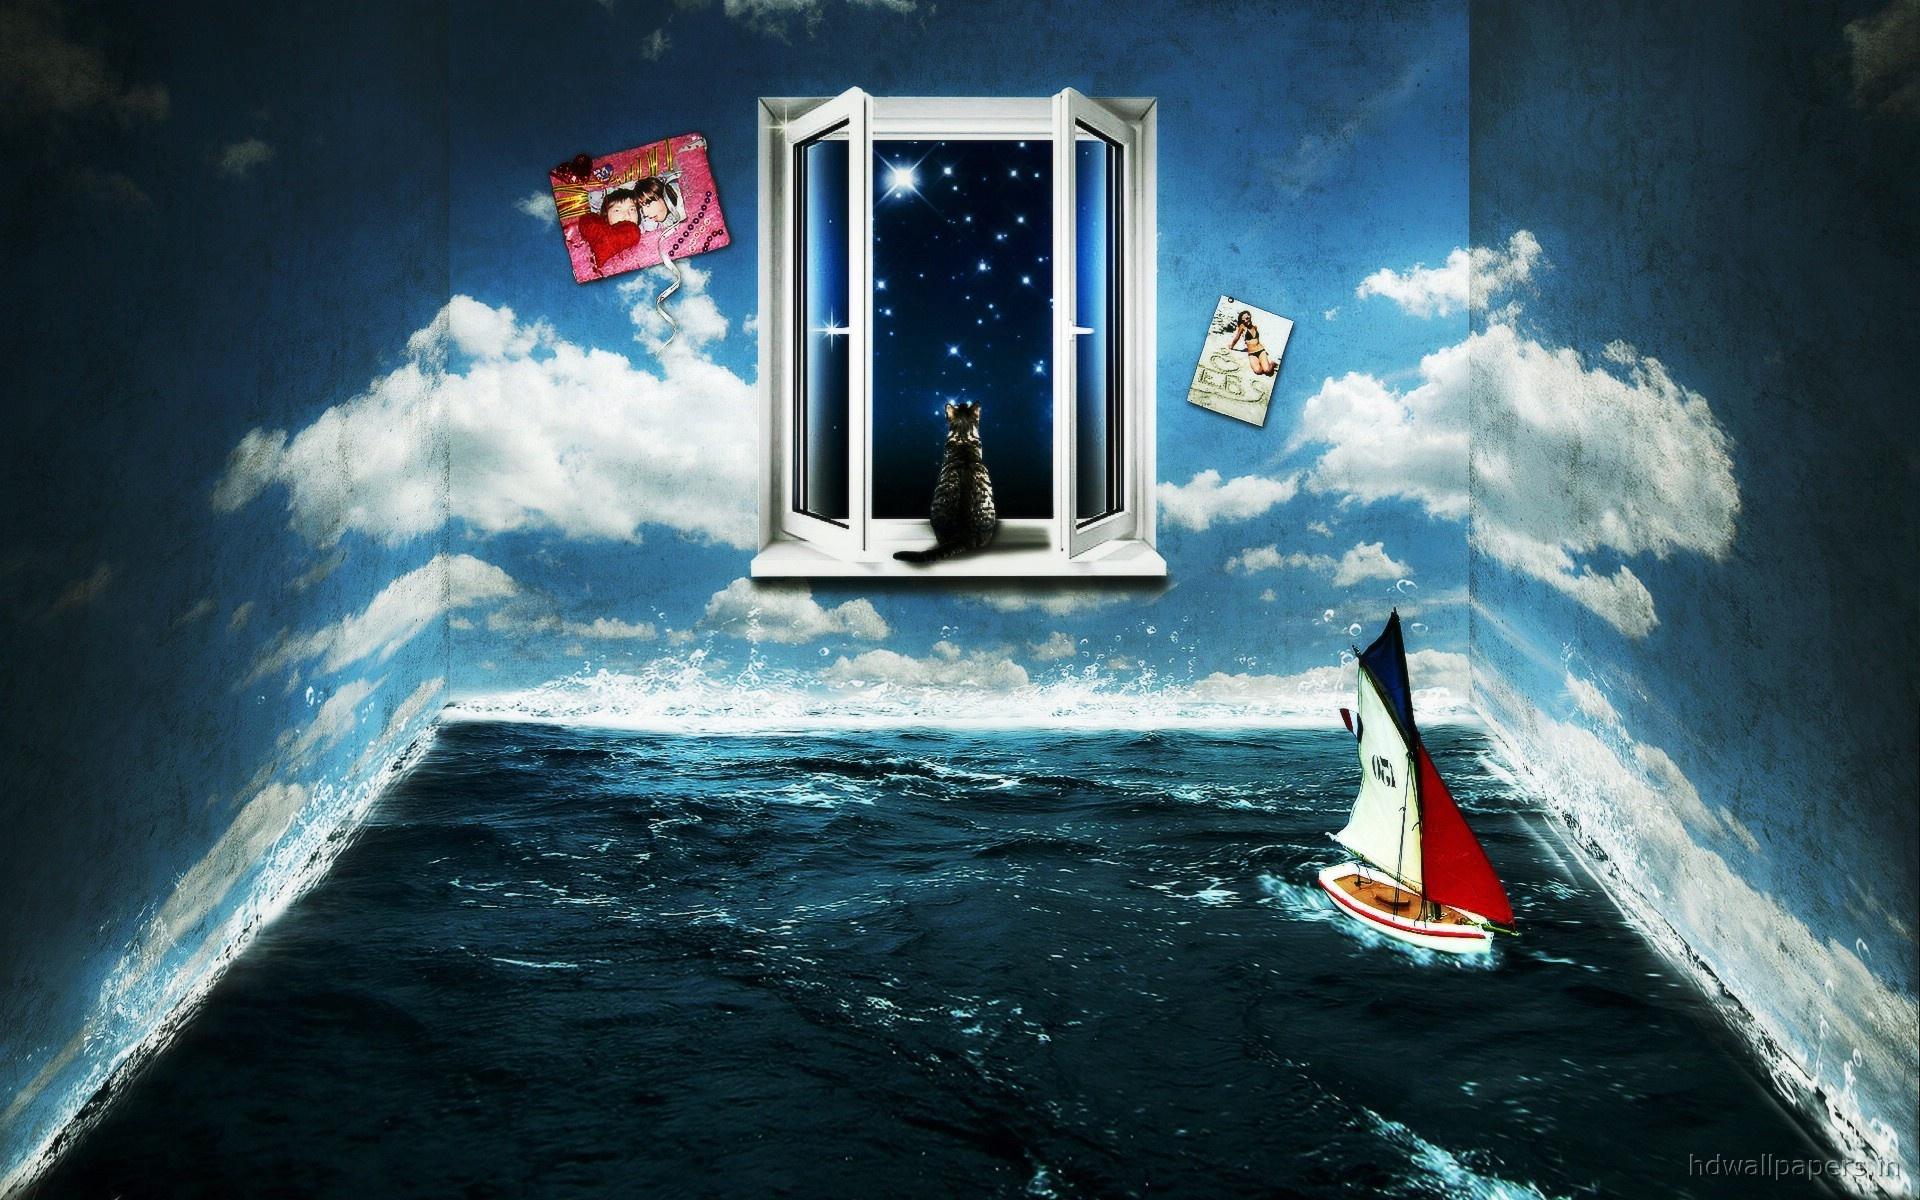 Image De Synthèse - Fantaisie  Pièce Fond d'écran